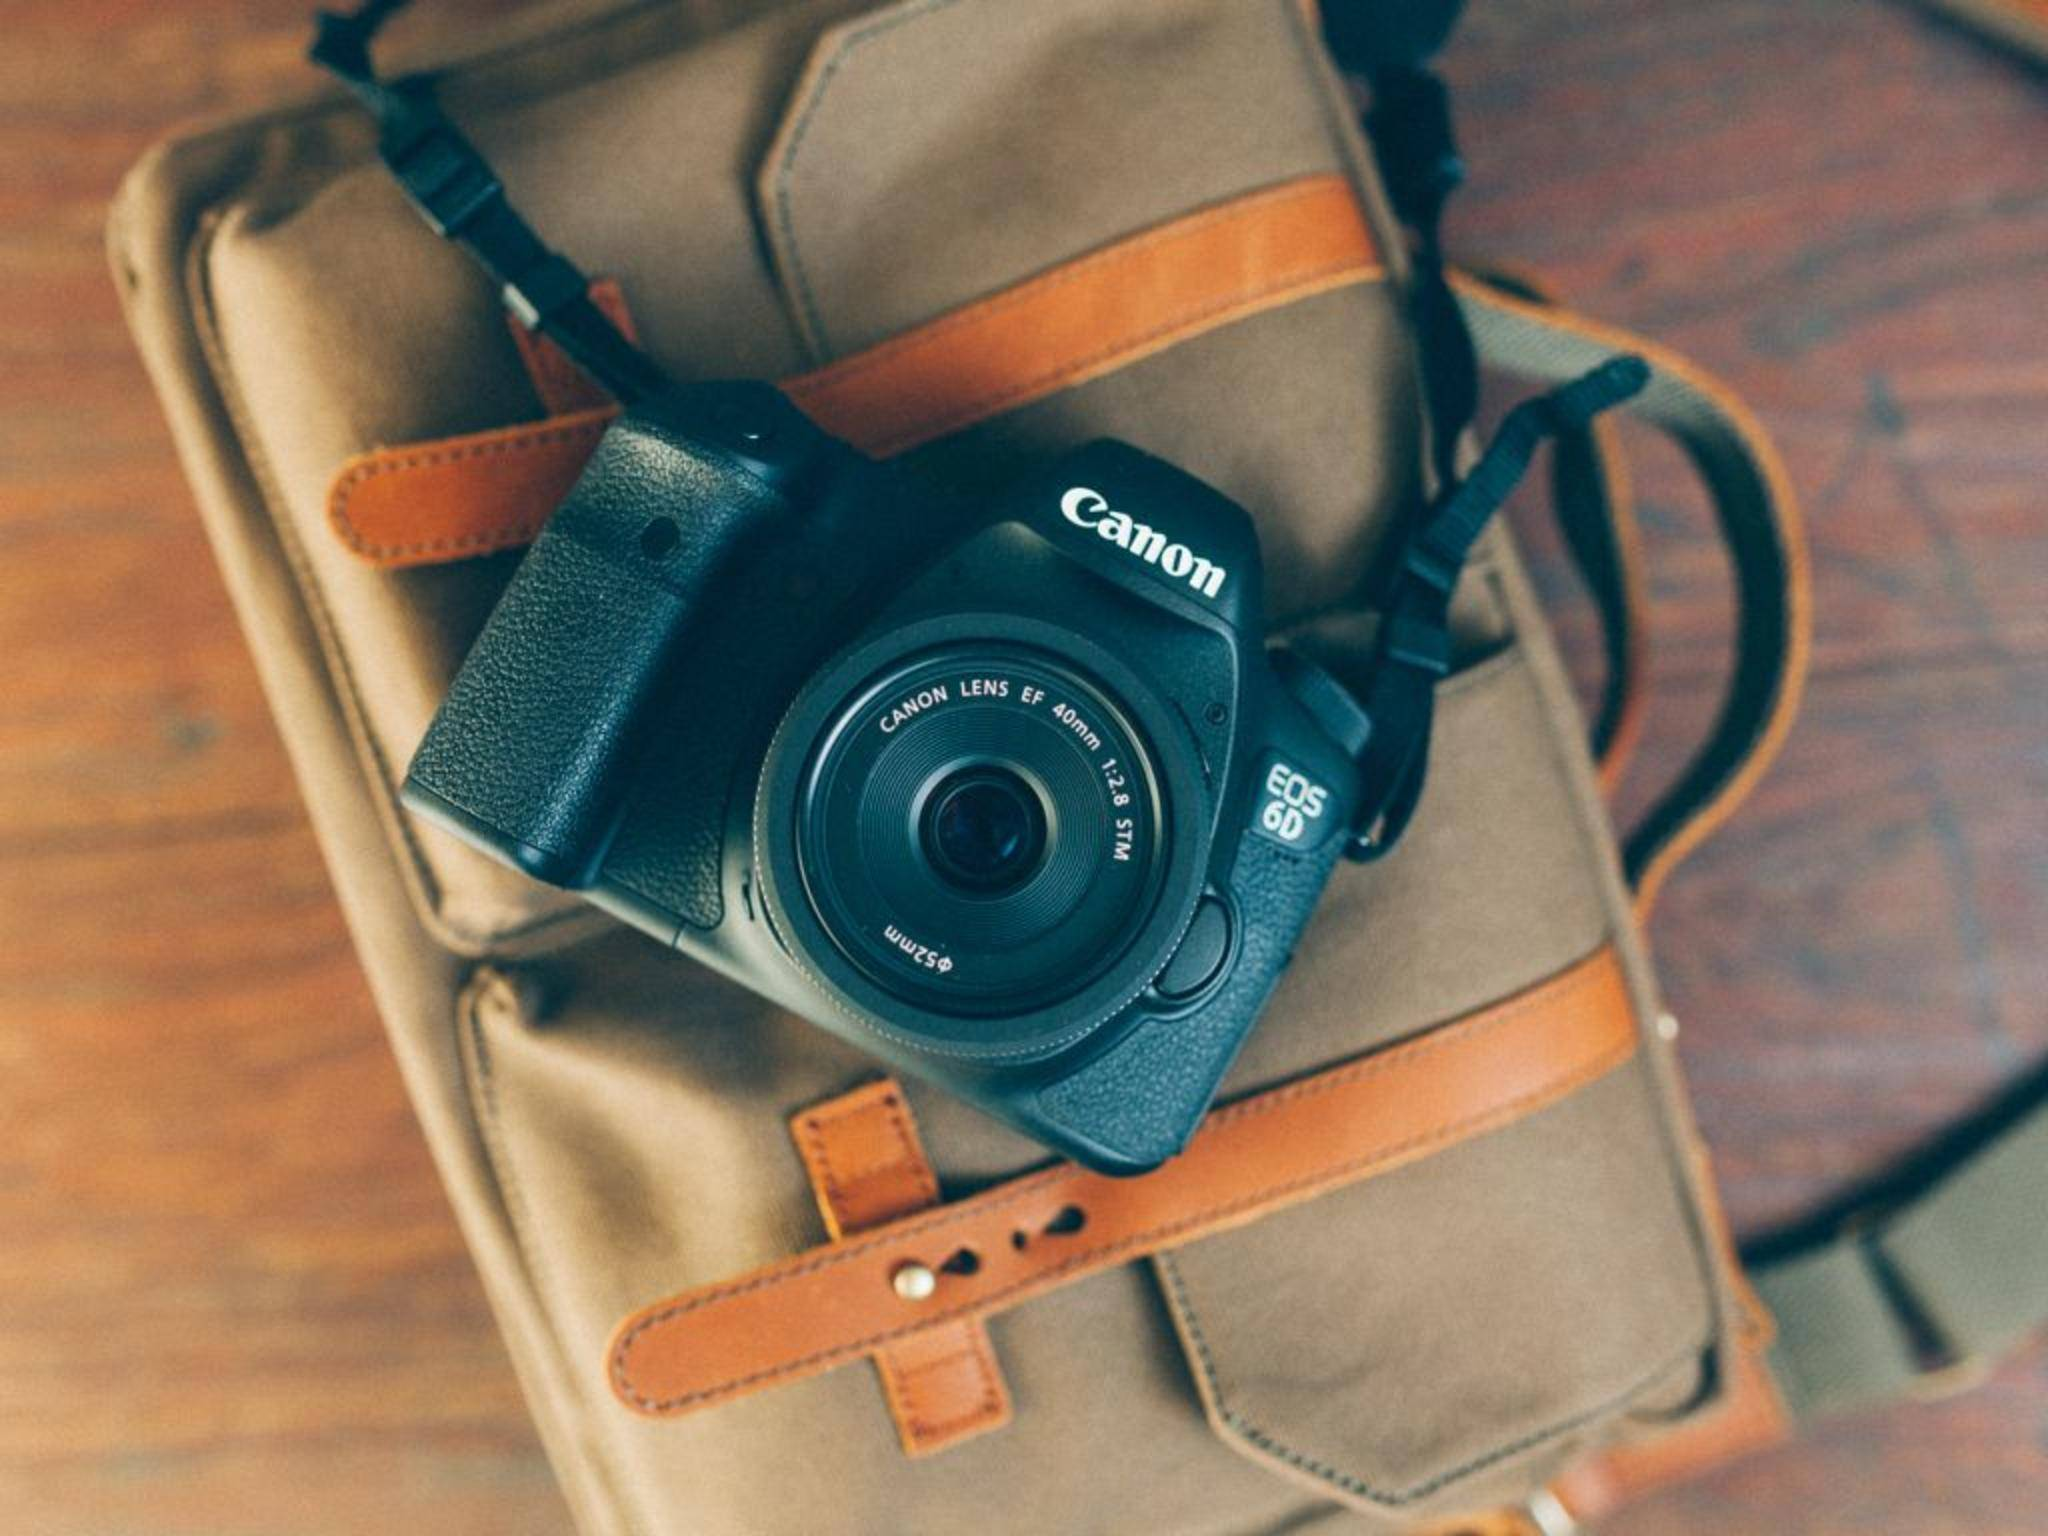 Die kommende EOS 6D will Canon angeblich etwas höher positionieren.